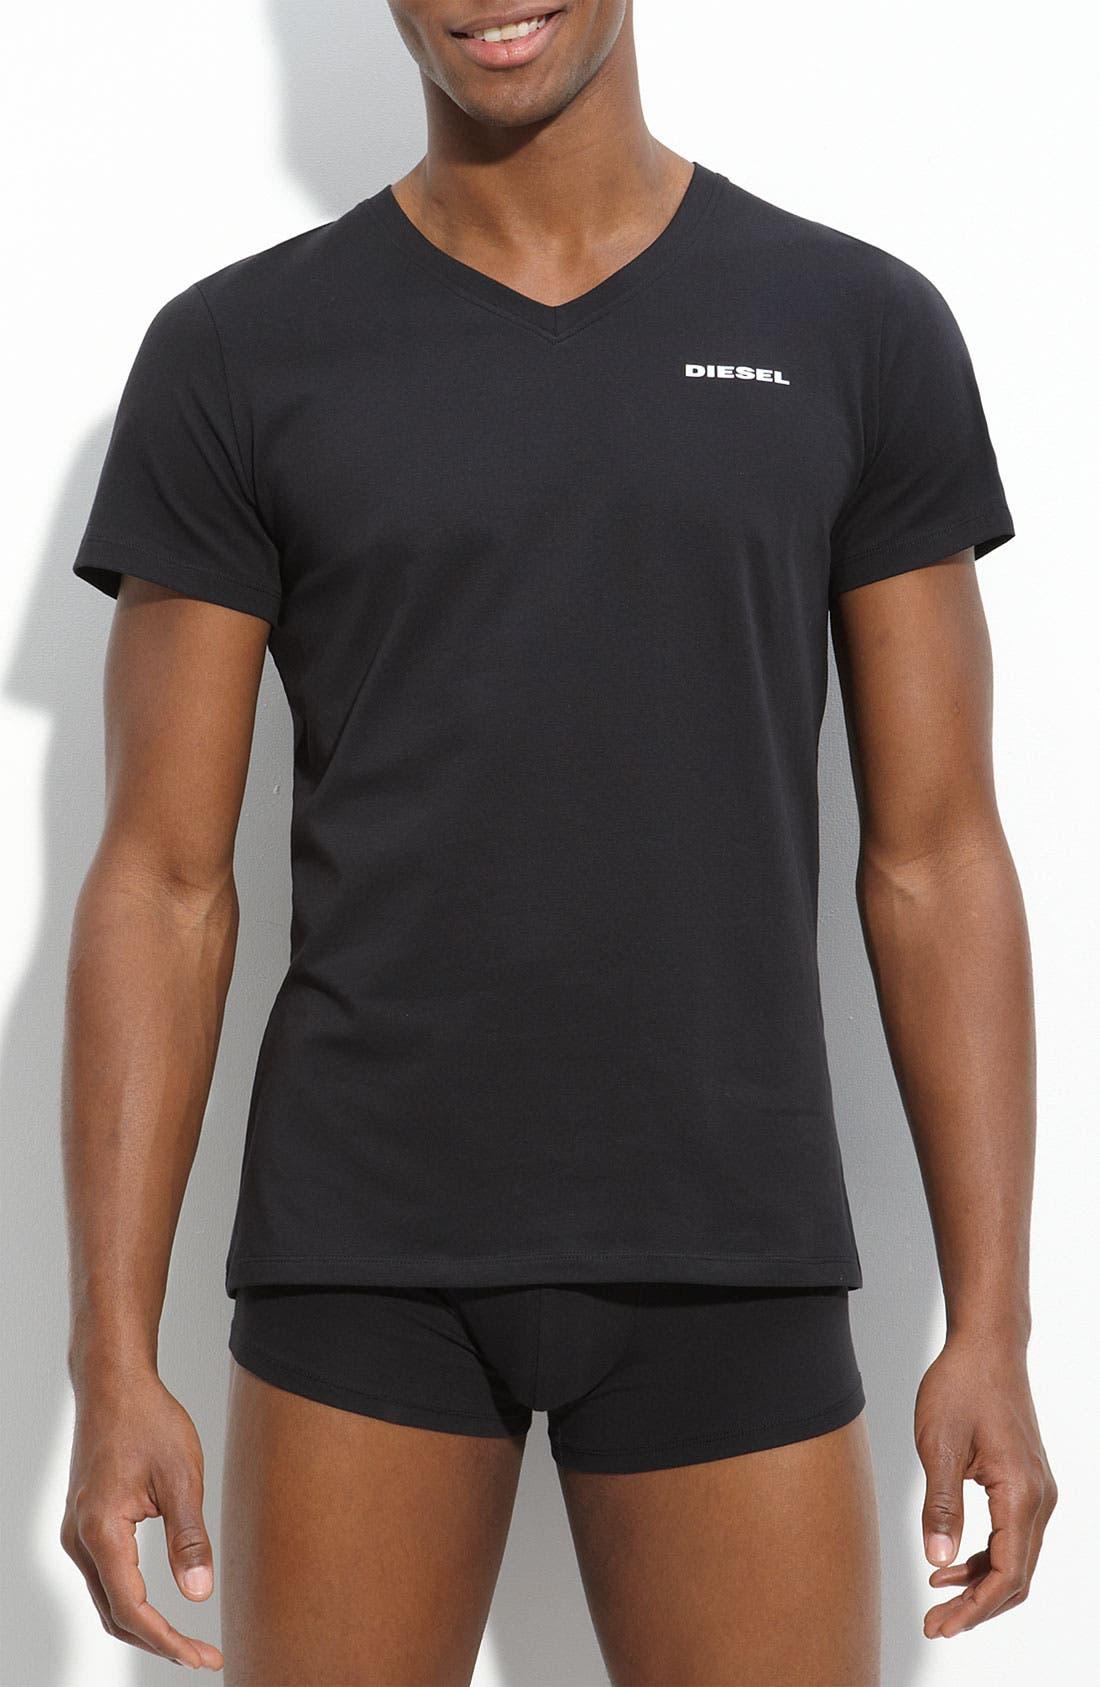 Main Image - DIESEL® Trim Fit V-Neck T-Shirt